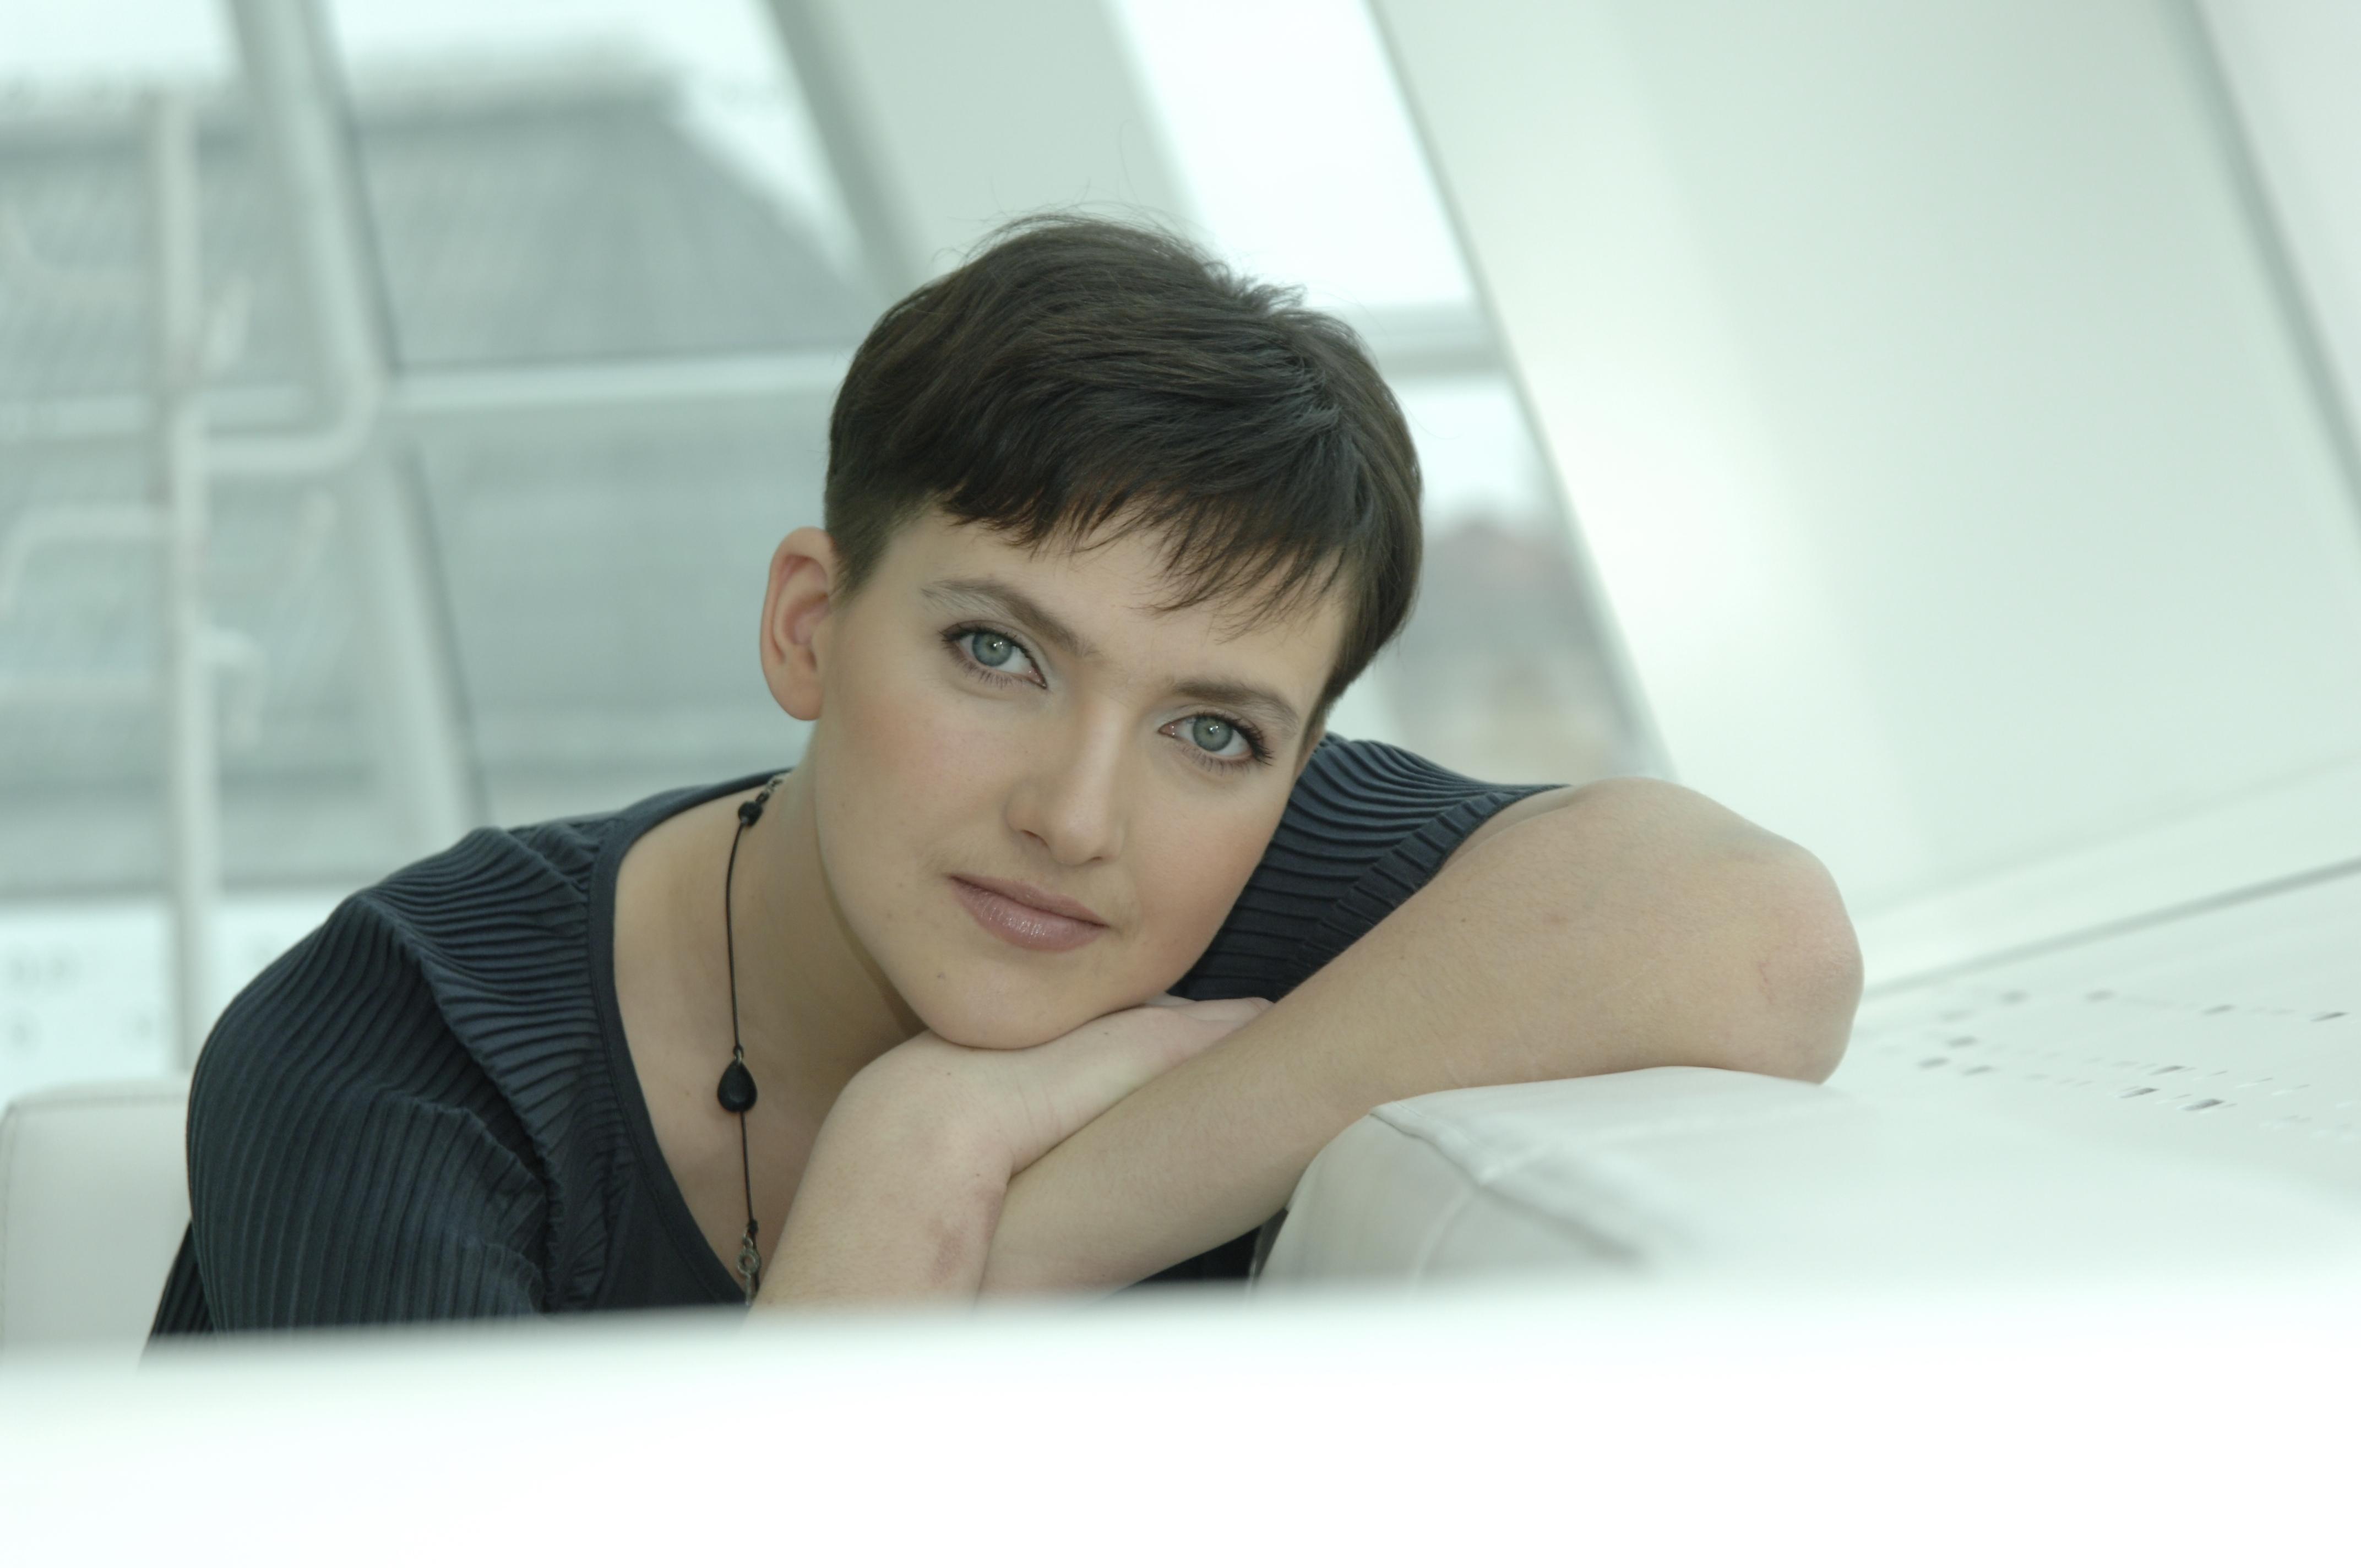 Савченко заявила, что Закарпатье может пойти путем «Л-ДНР» (Видео)